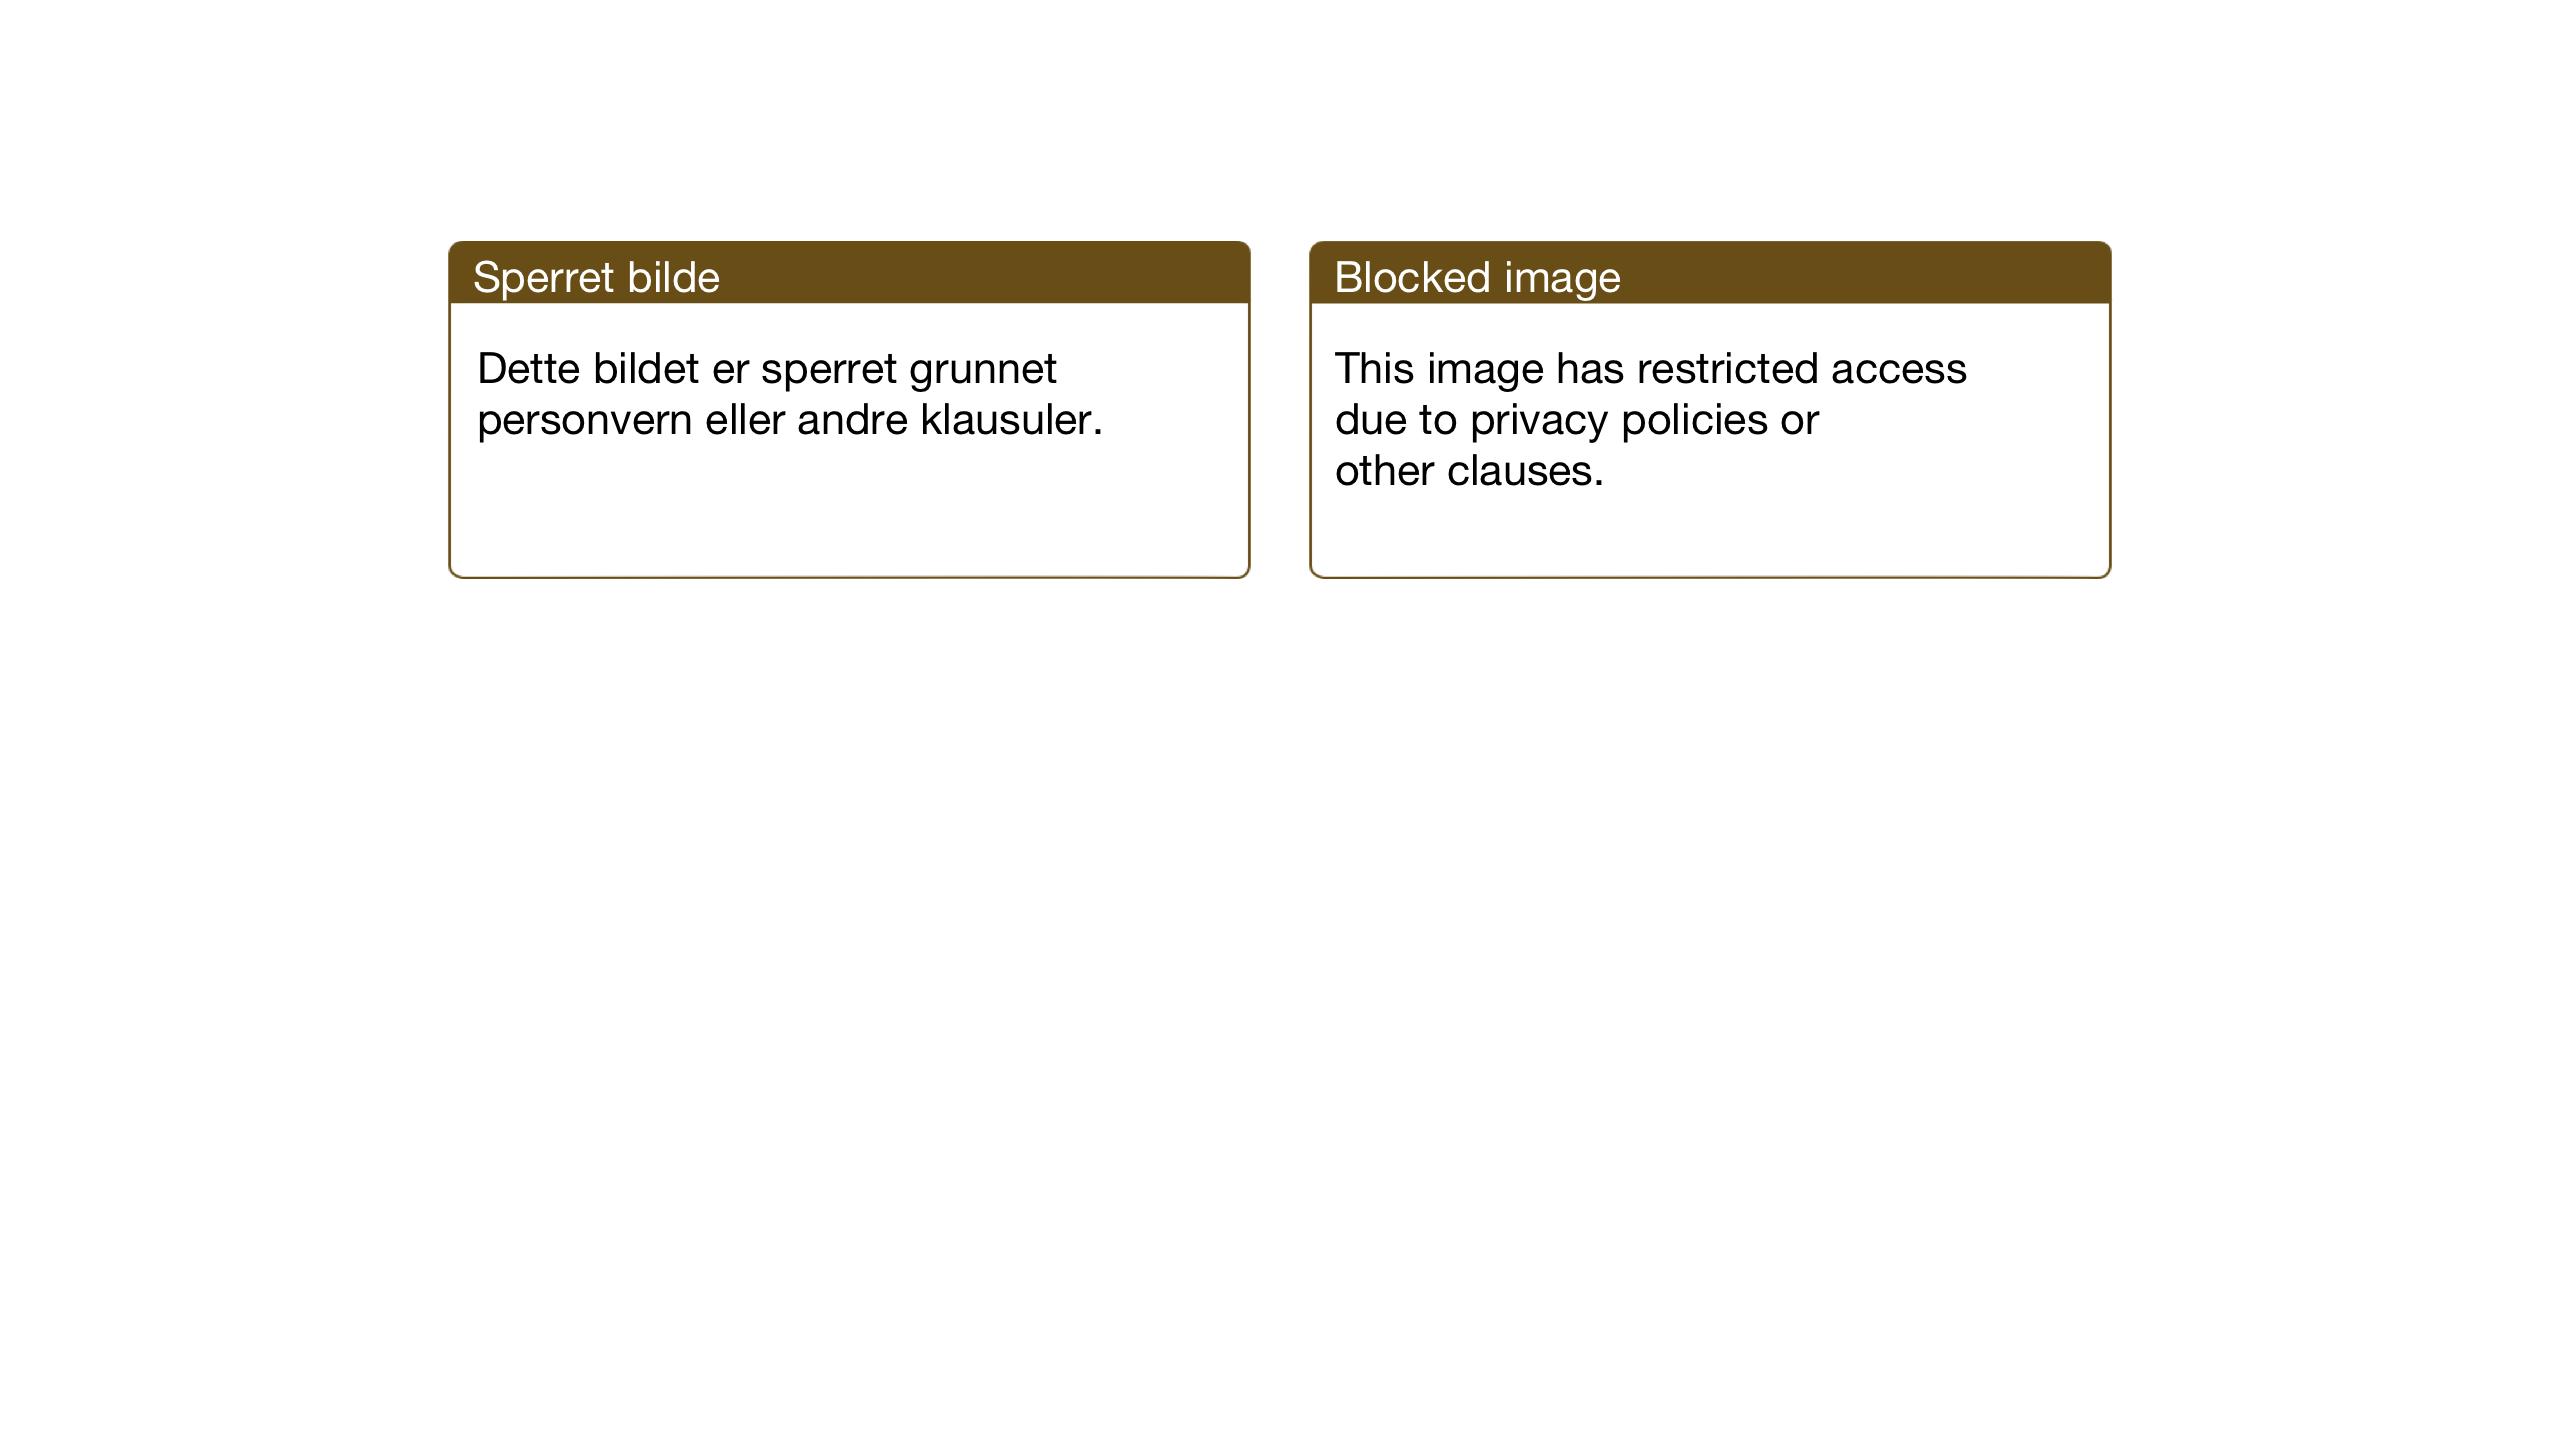 SAT, Ministerialprotokoller, klokkerbøker og fødselsregistre - Sør-Trøndelag, 695/L1158: Klokkerbok nr. 695C09, 1913-1940, s. 137